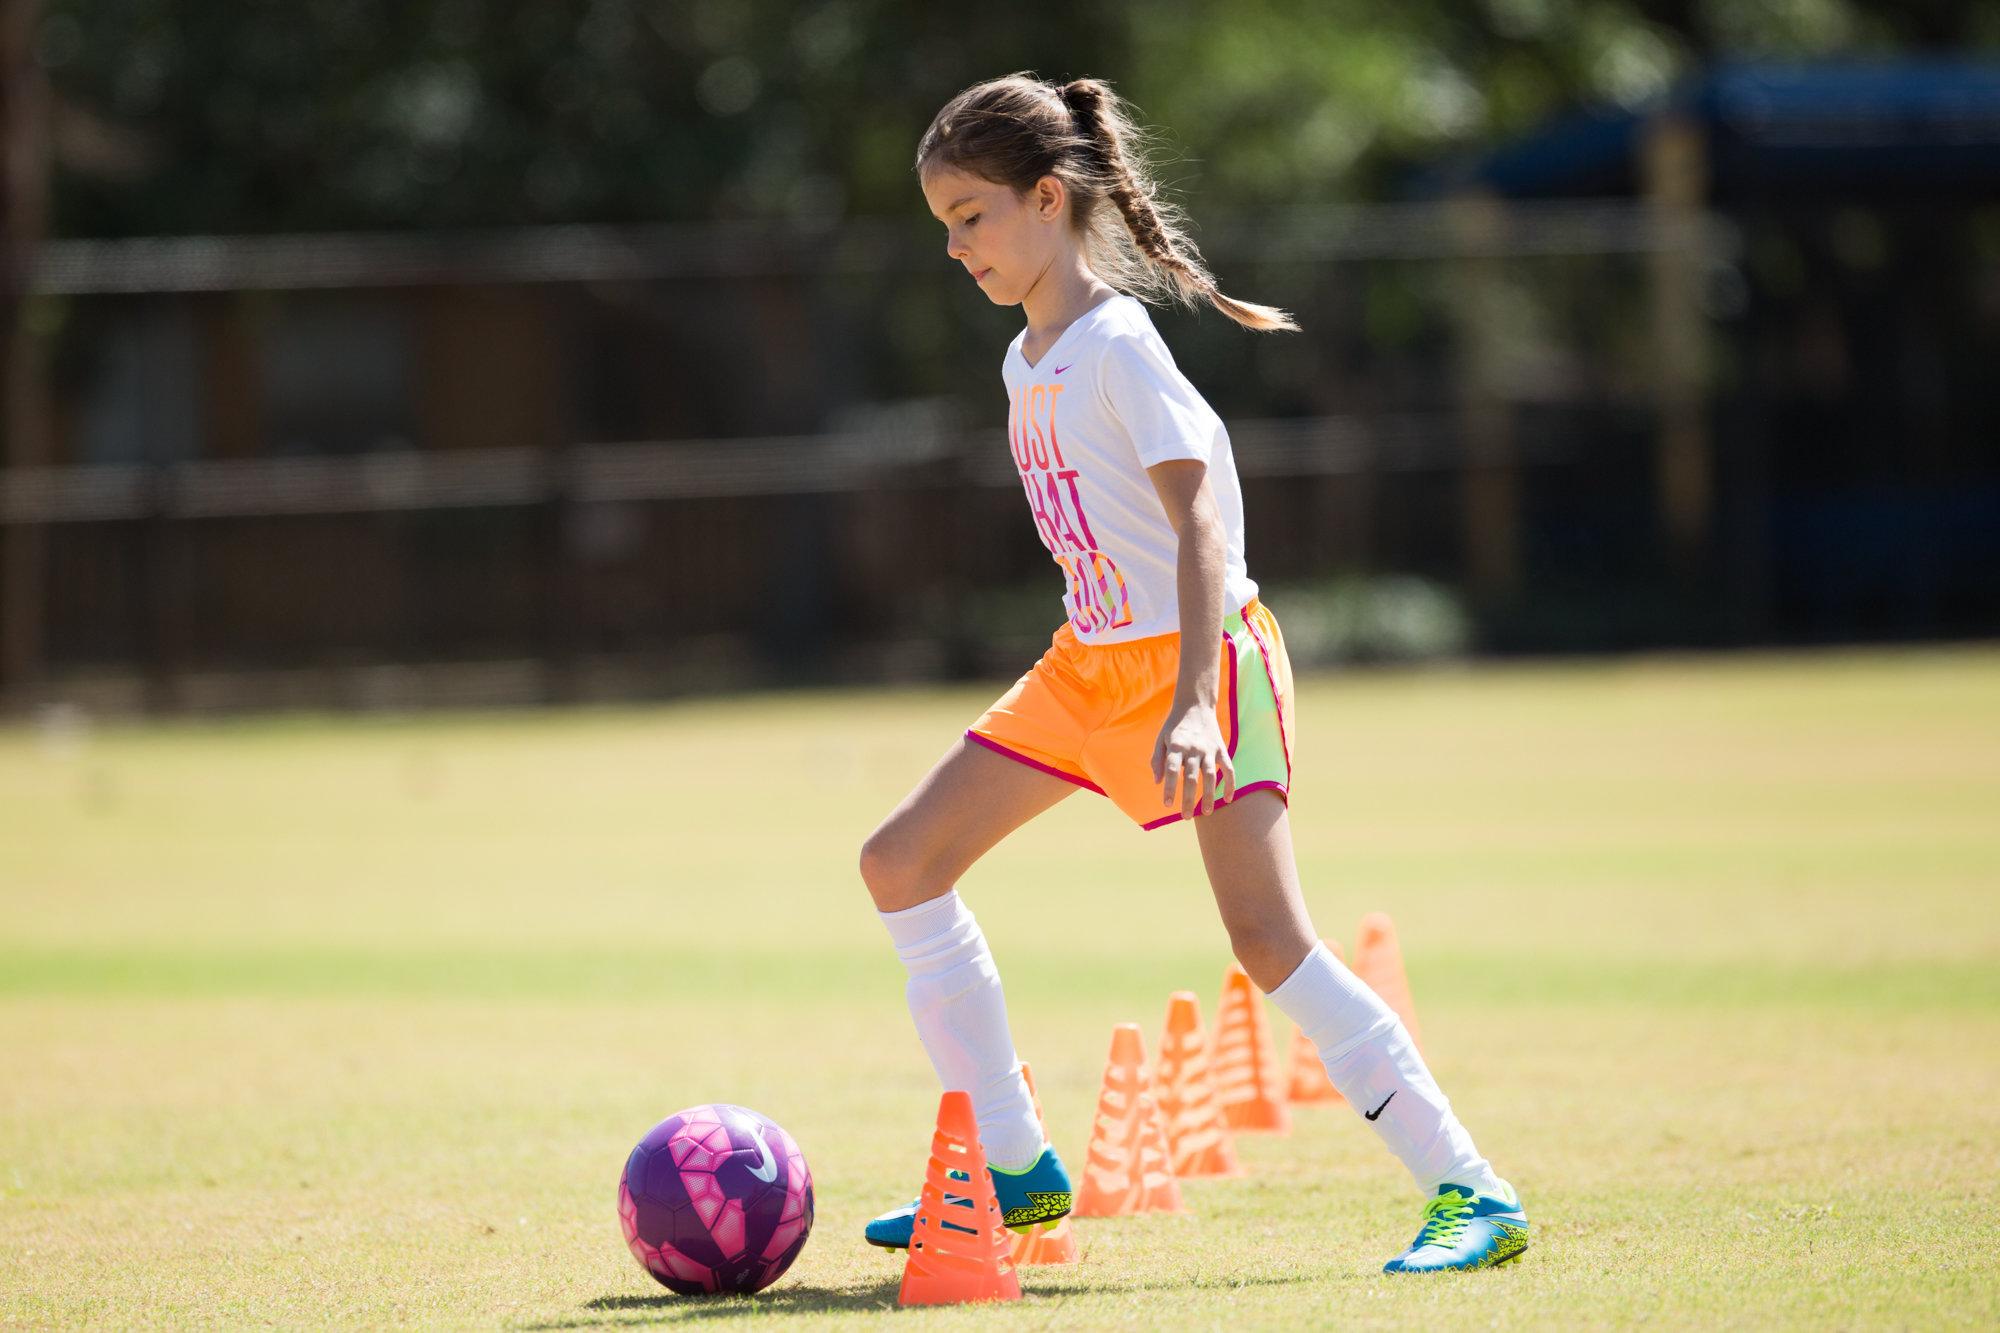 G_Nike_Soccer^15BTS_0297.jpg